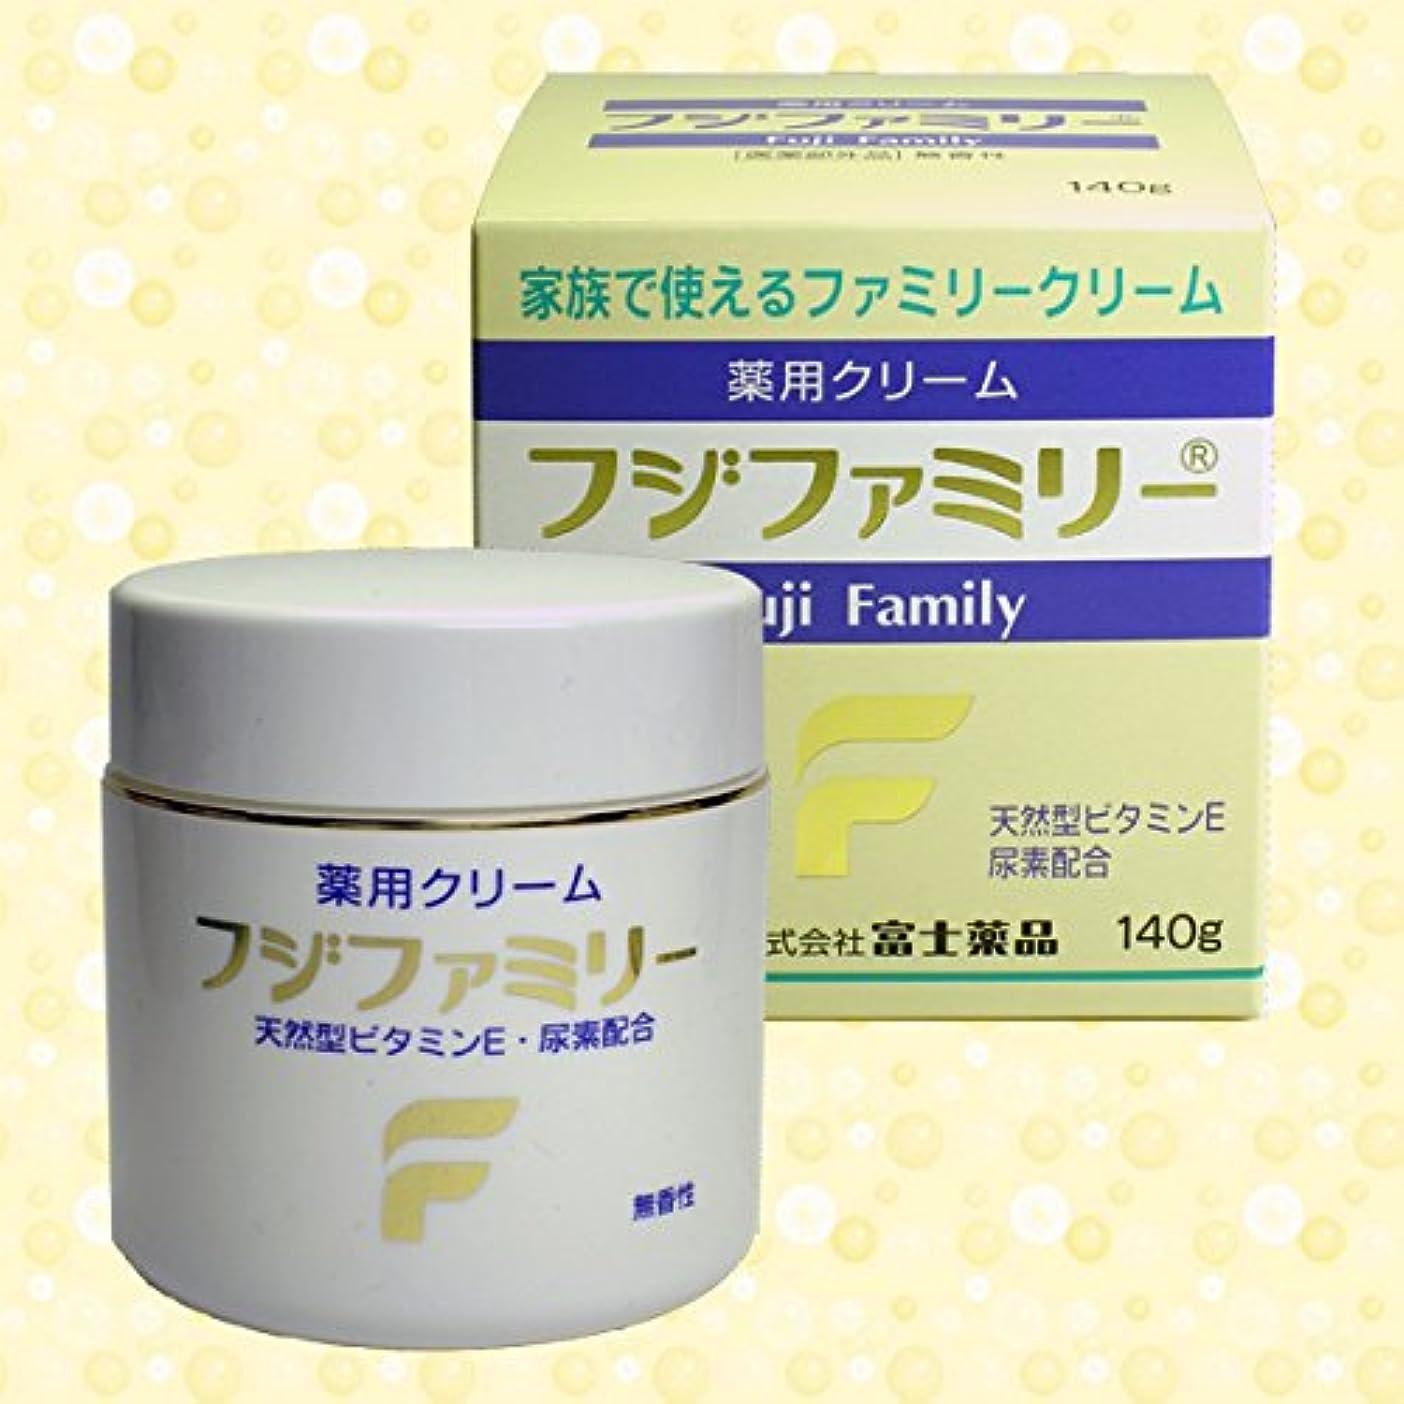 論争太字リーズ富士薬品 増量 薬用クリームフジファミリー140g 医薬部外品